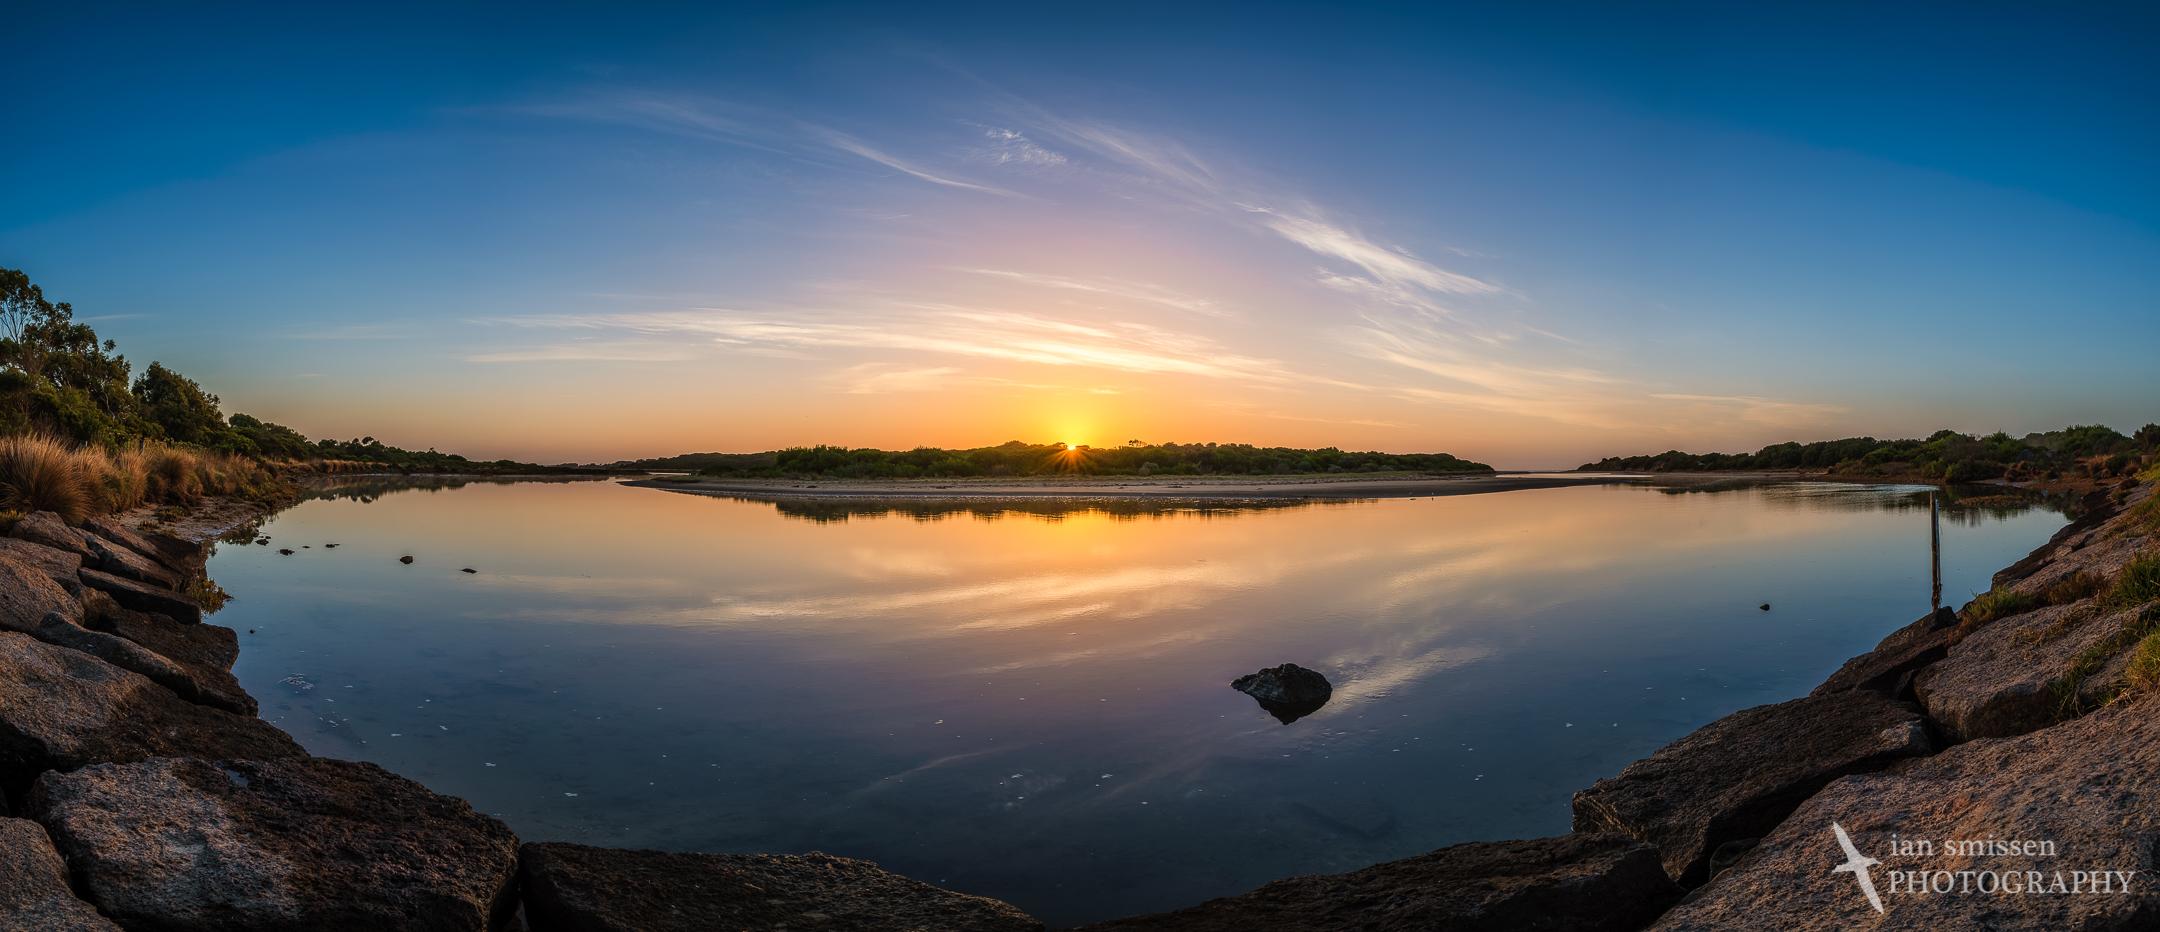 Sunrise at Thompson Creek